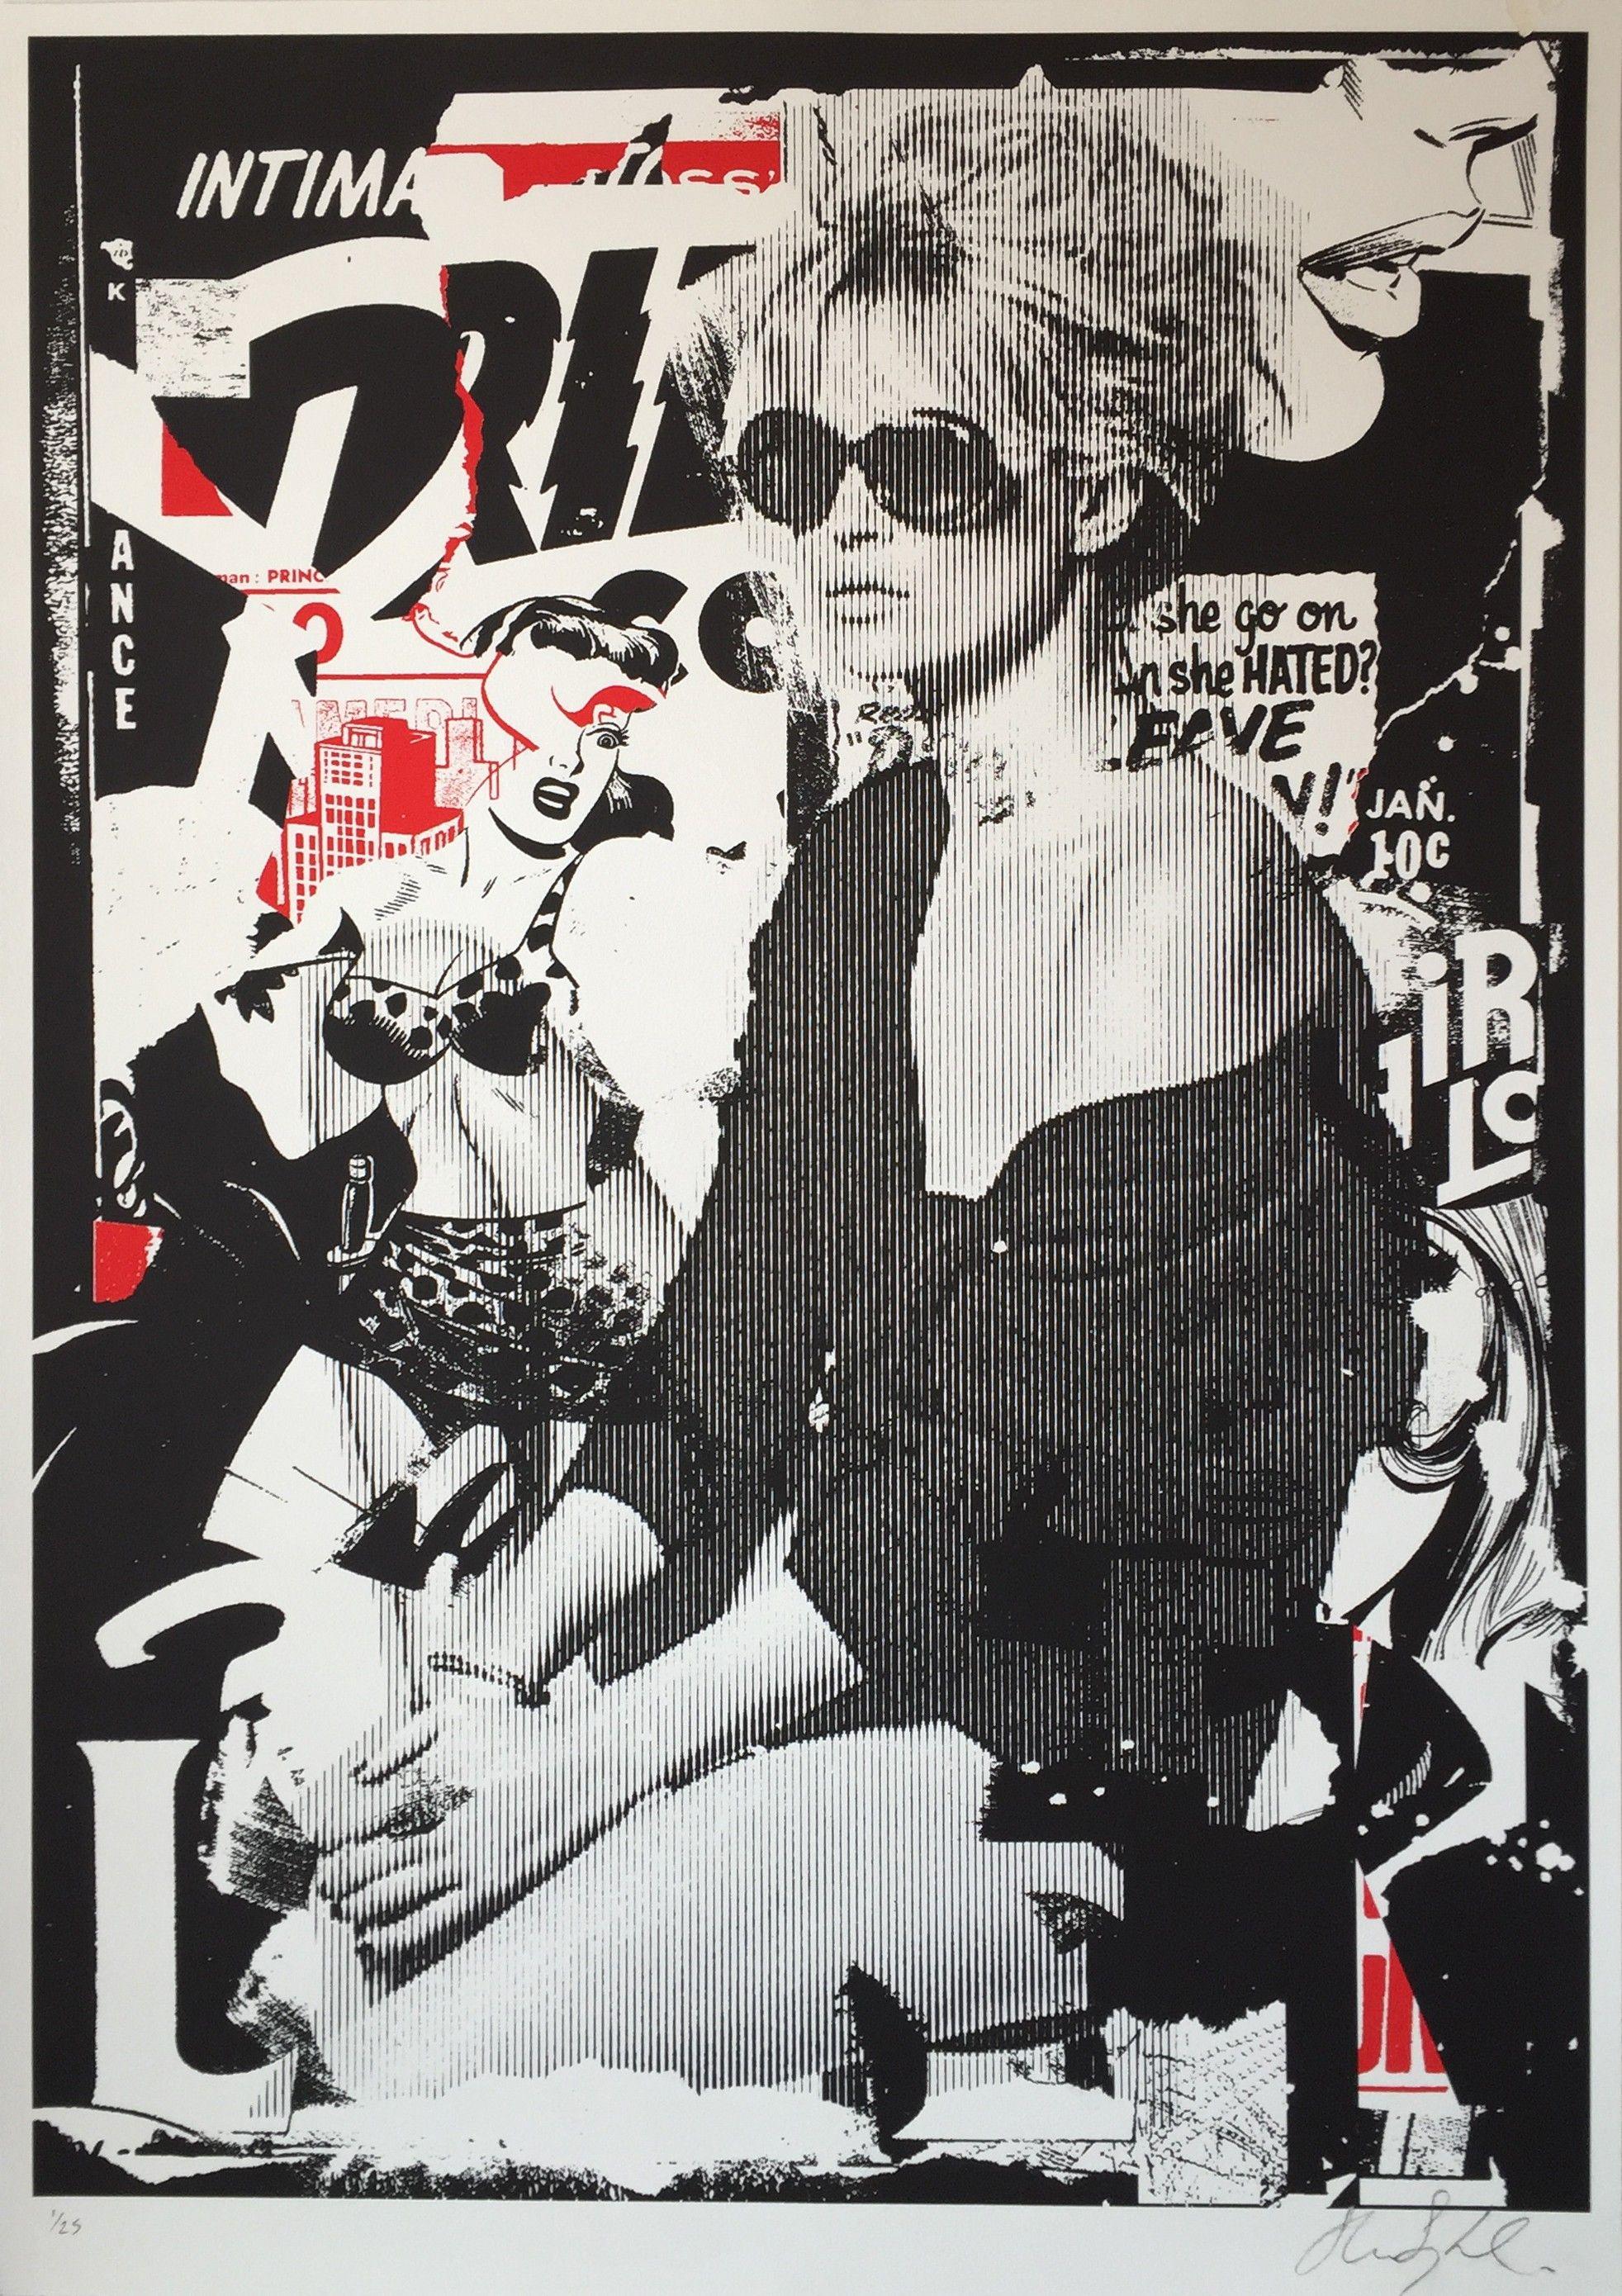 Bardot By Steve Smythe